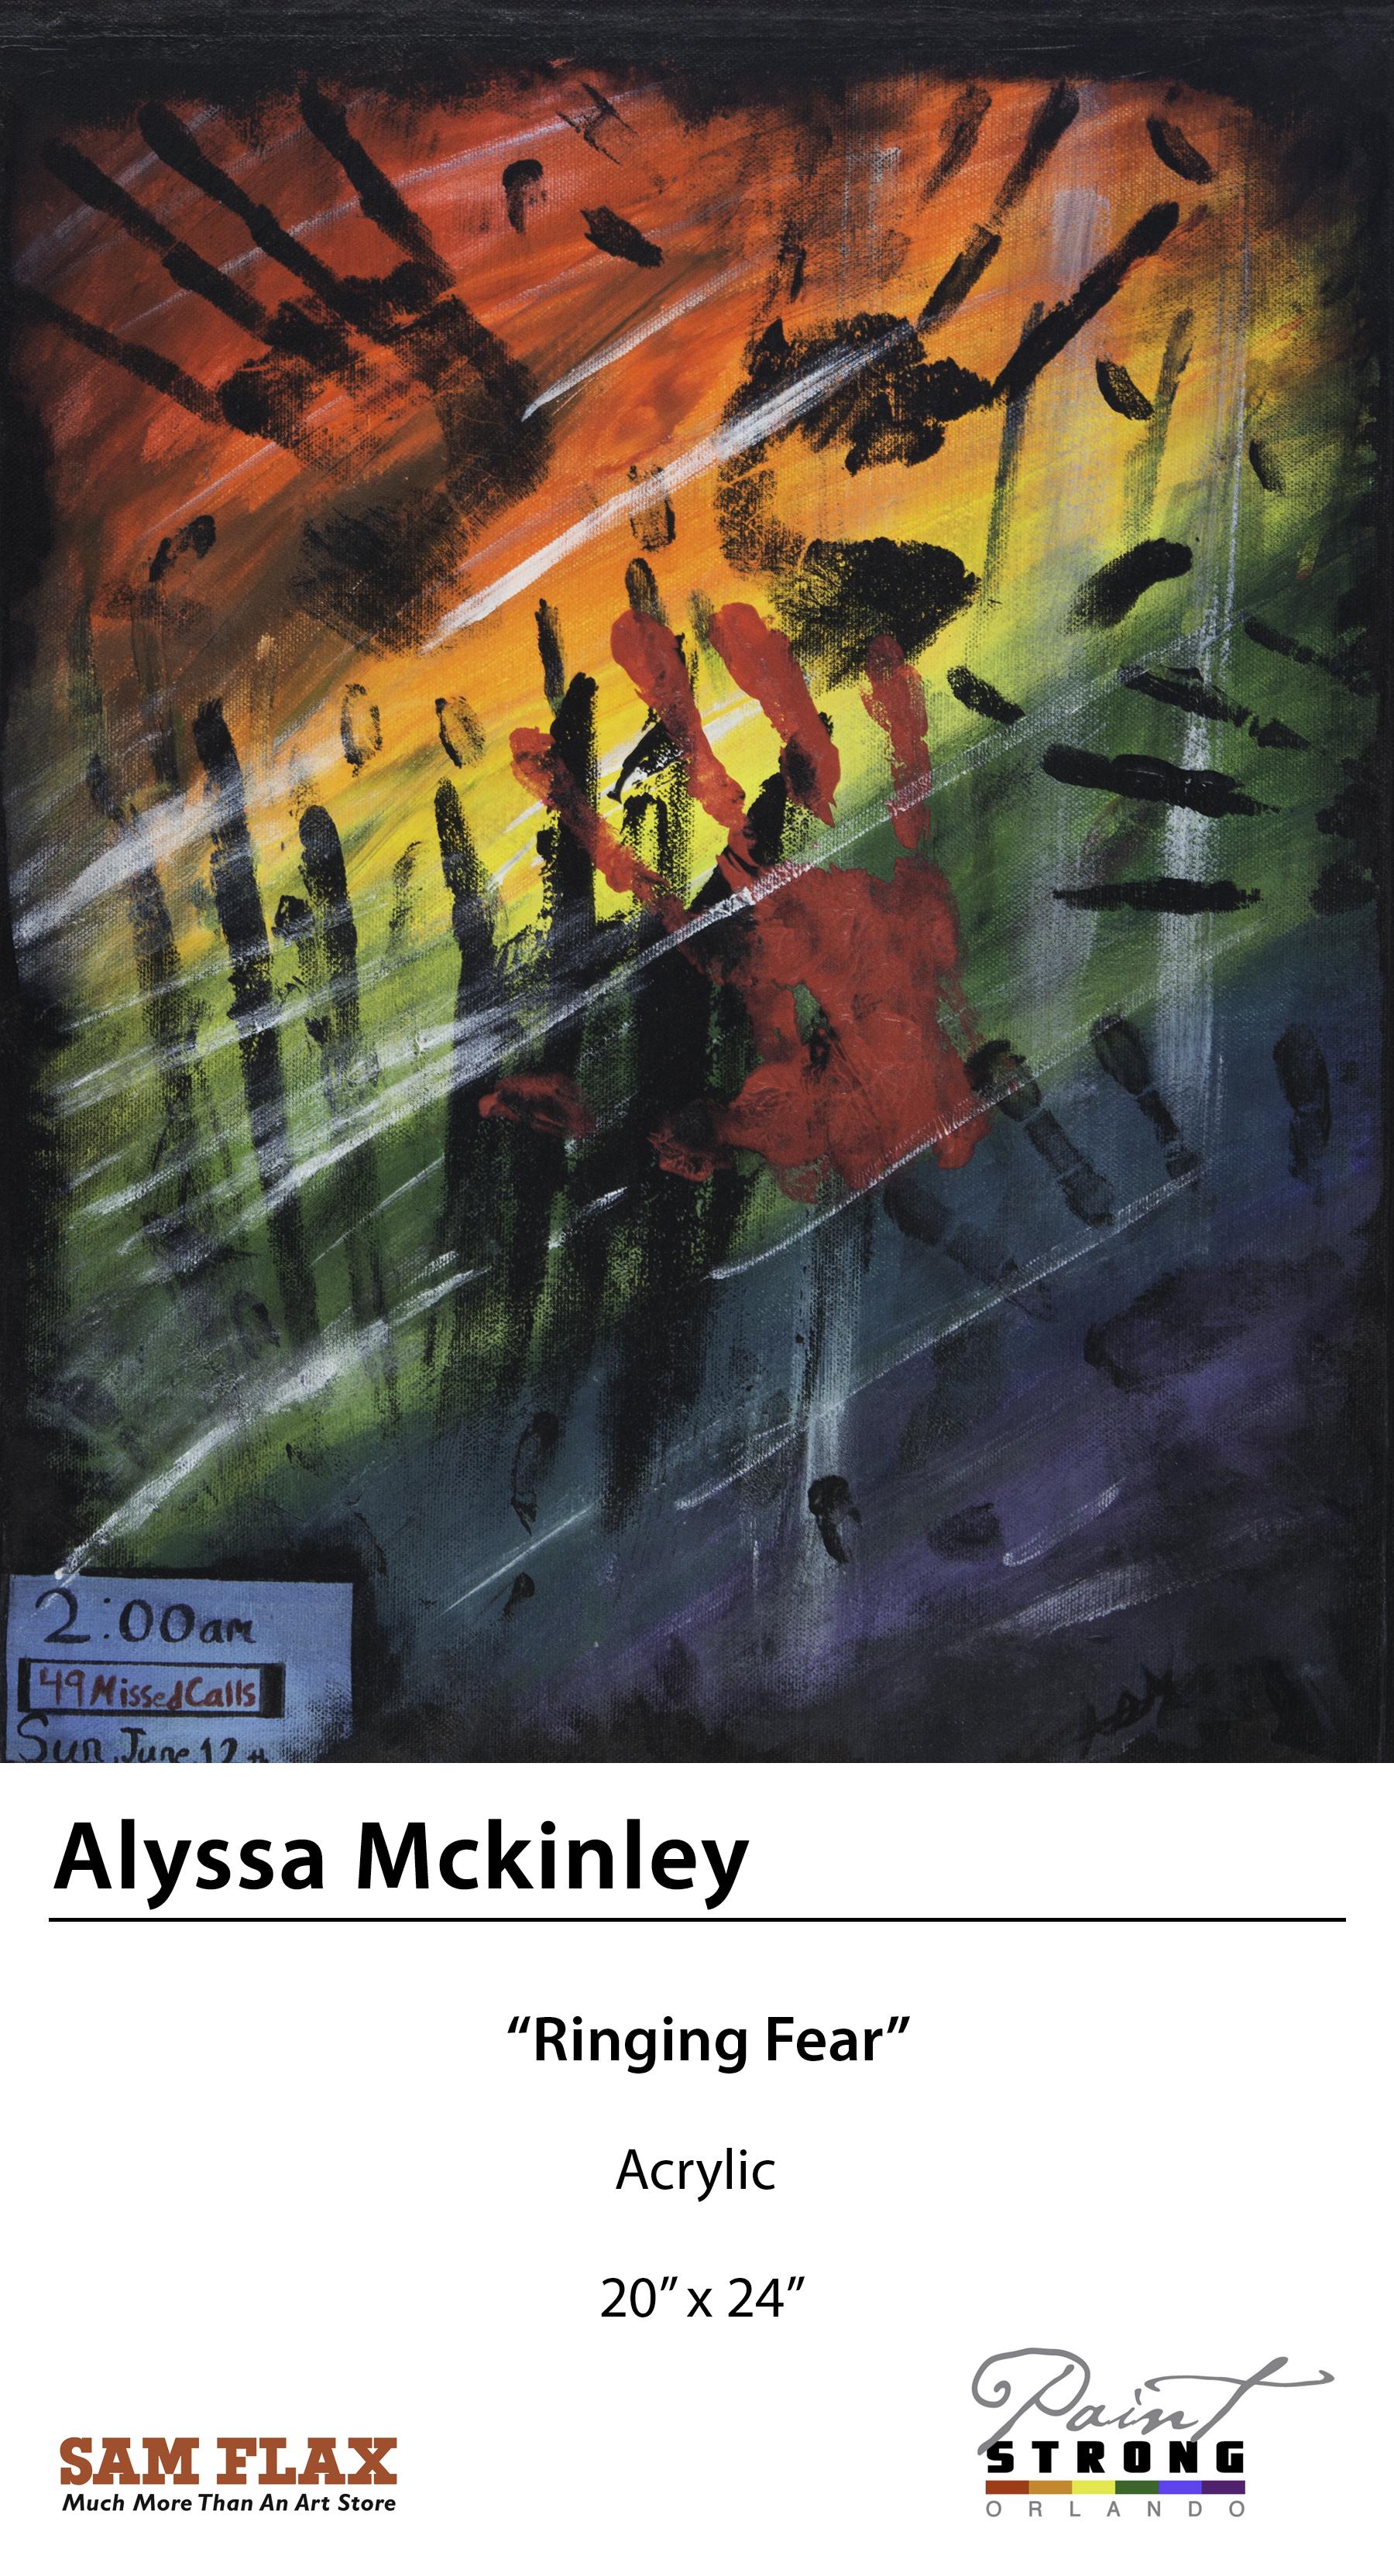 Alyssa Mckinley